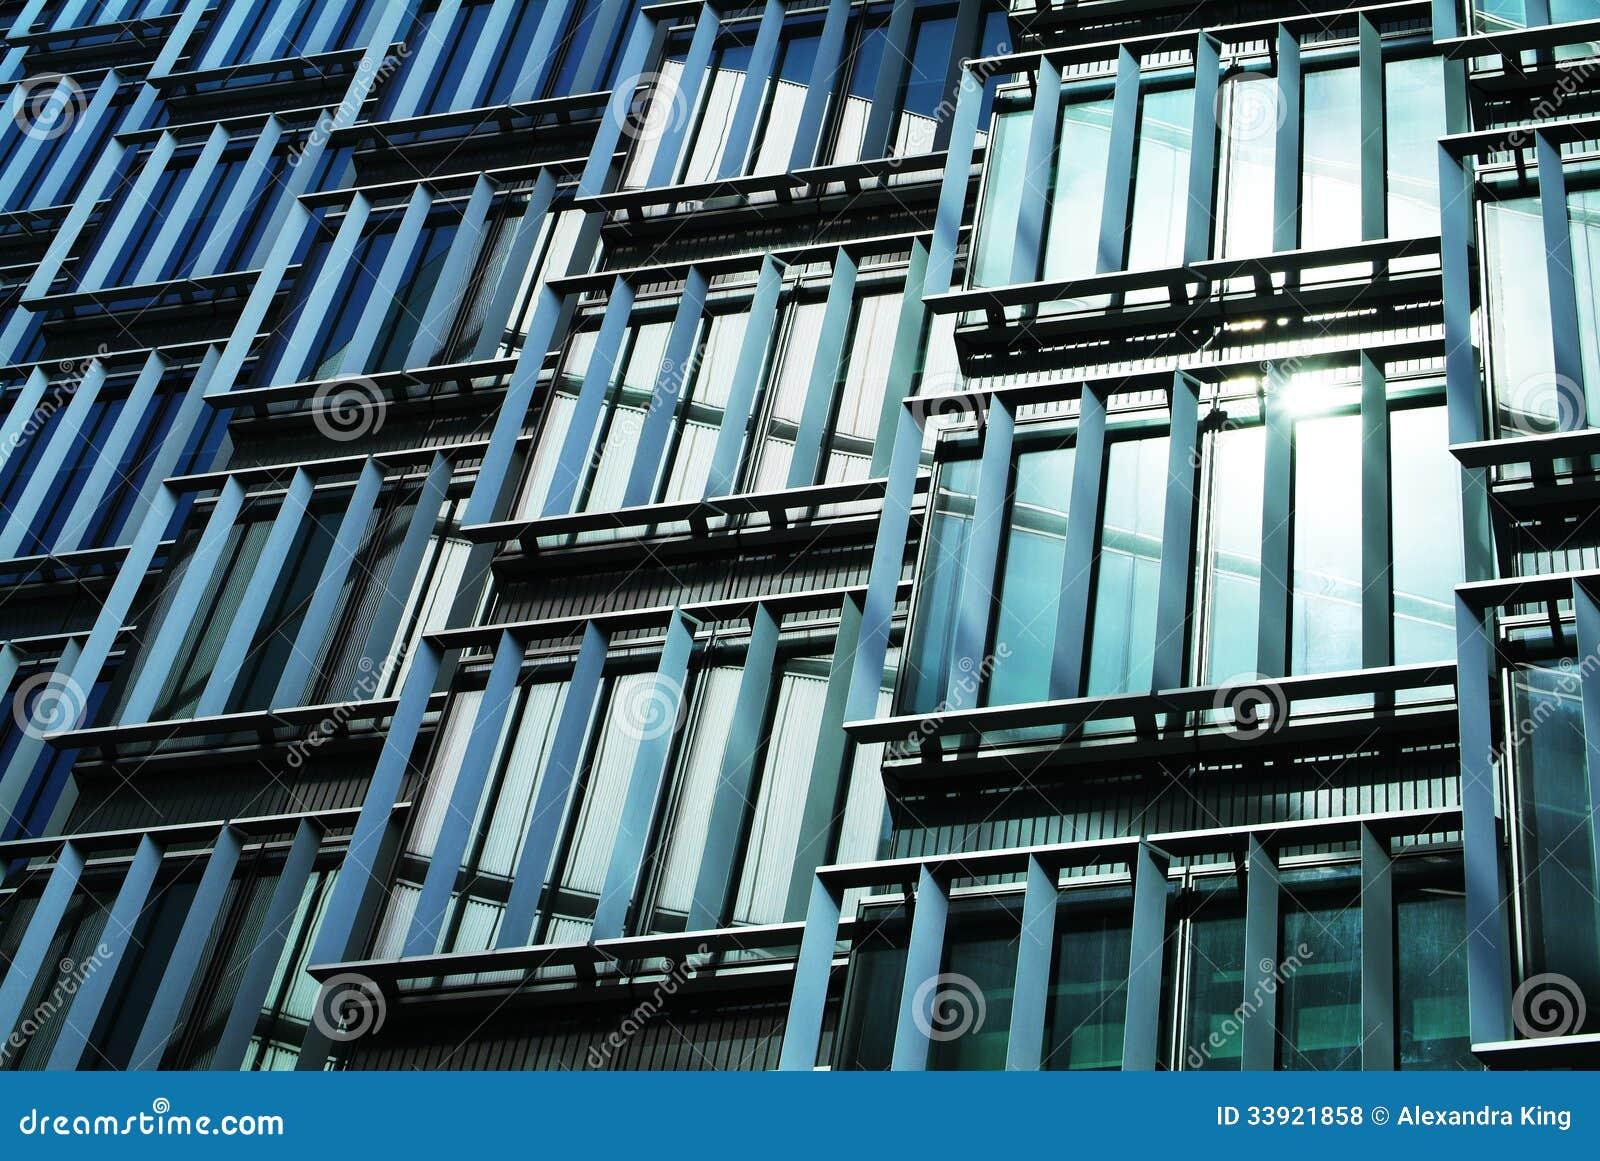 Architectural Patterns Unique Inspiration Ideas